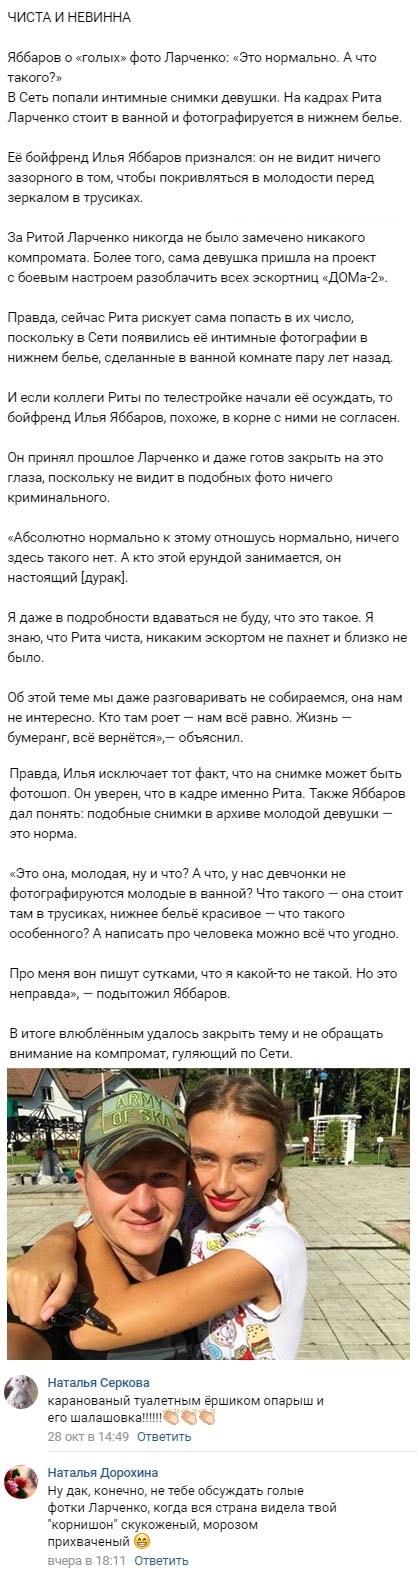 Илье Яббарову продемонстрировали компромат на Риту Ларченко